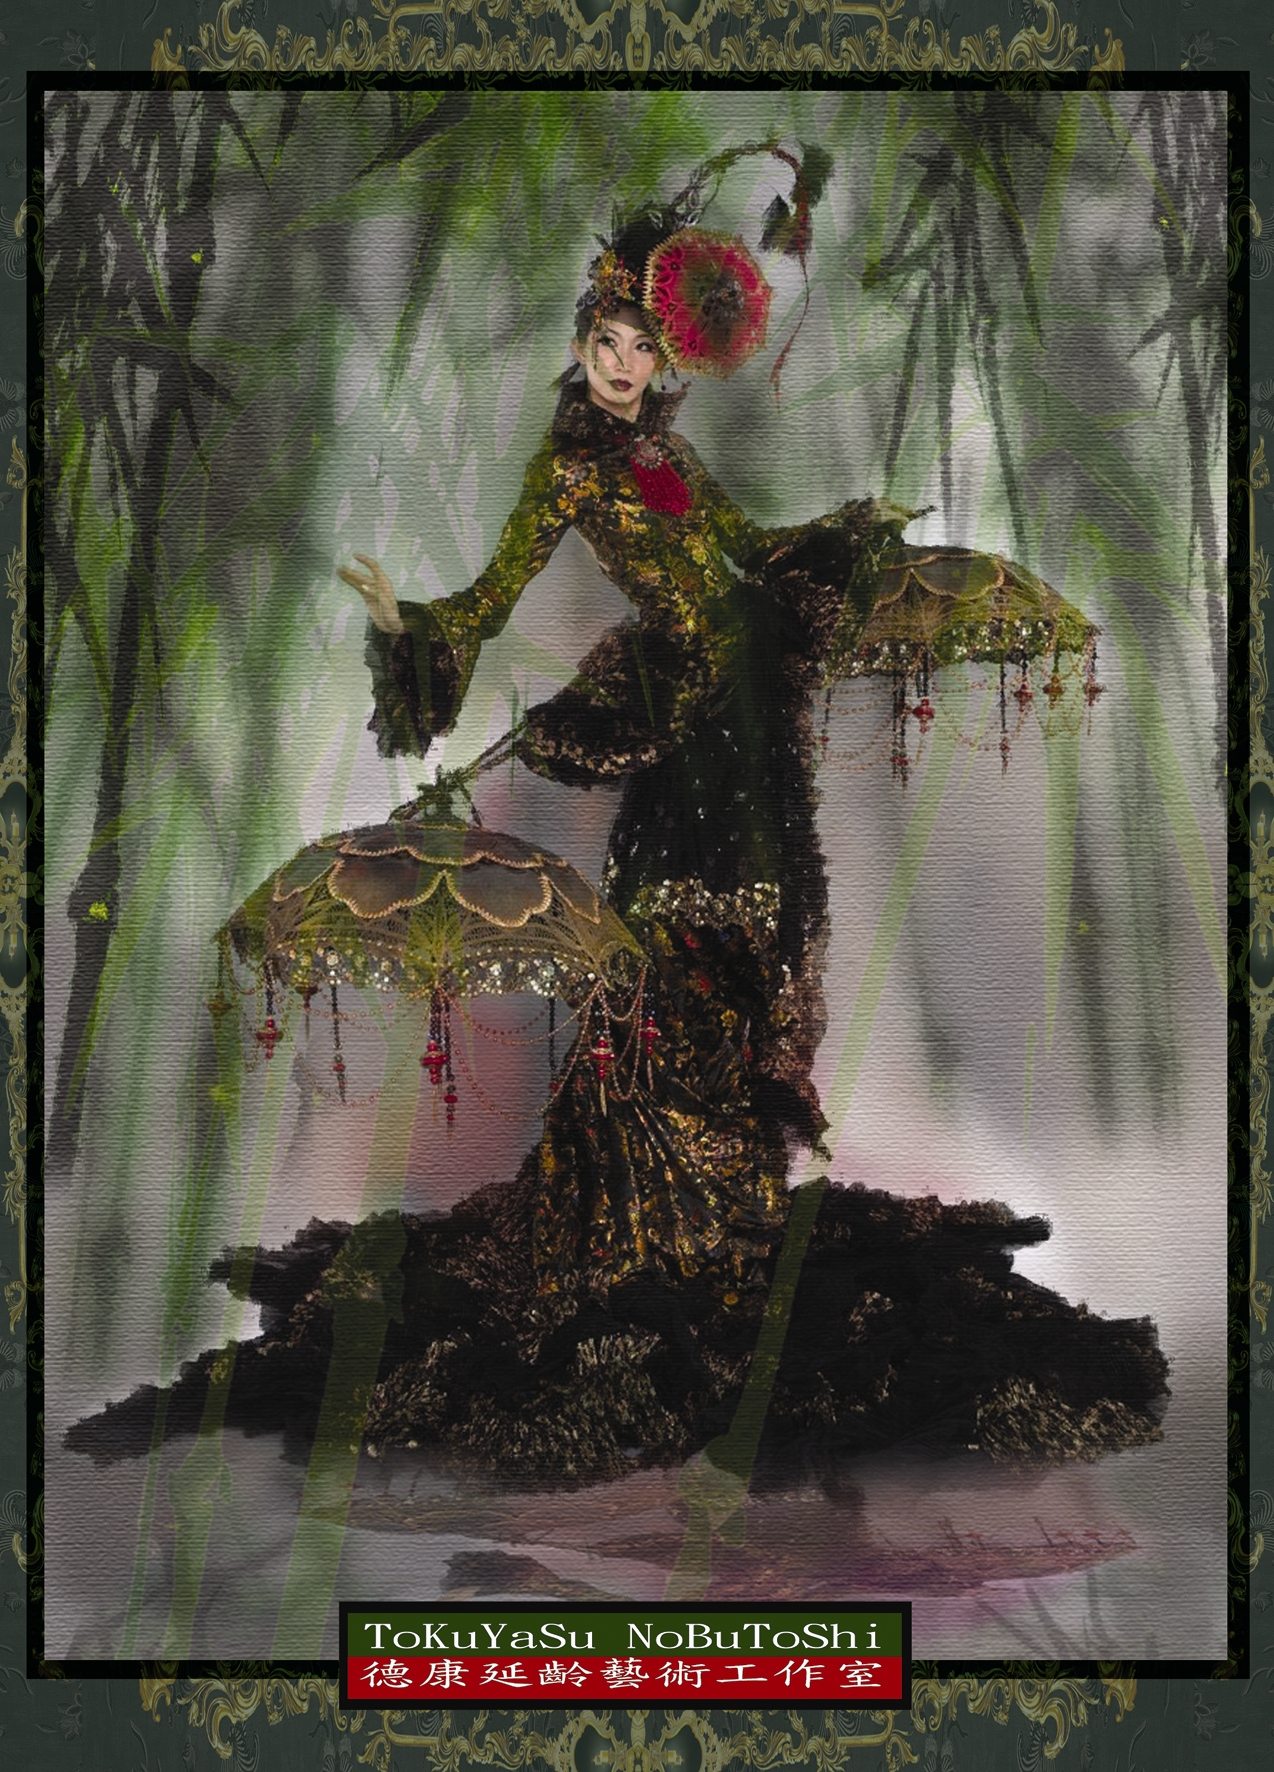 「花時間」(再生花)運用人造花茶花、舞台服裝布料等回收材